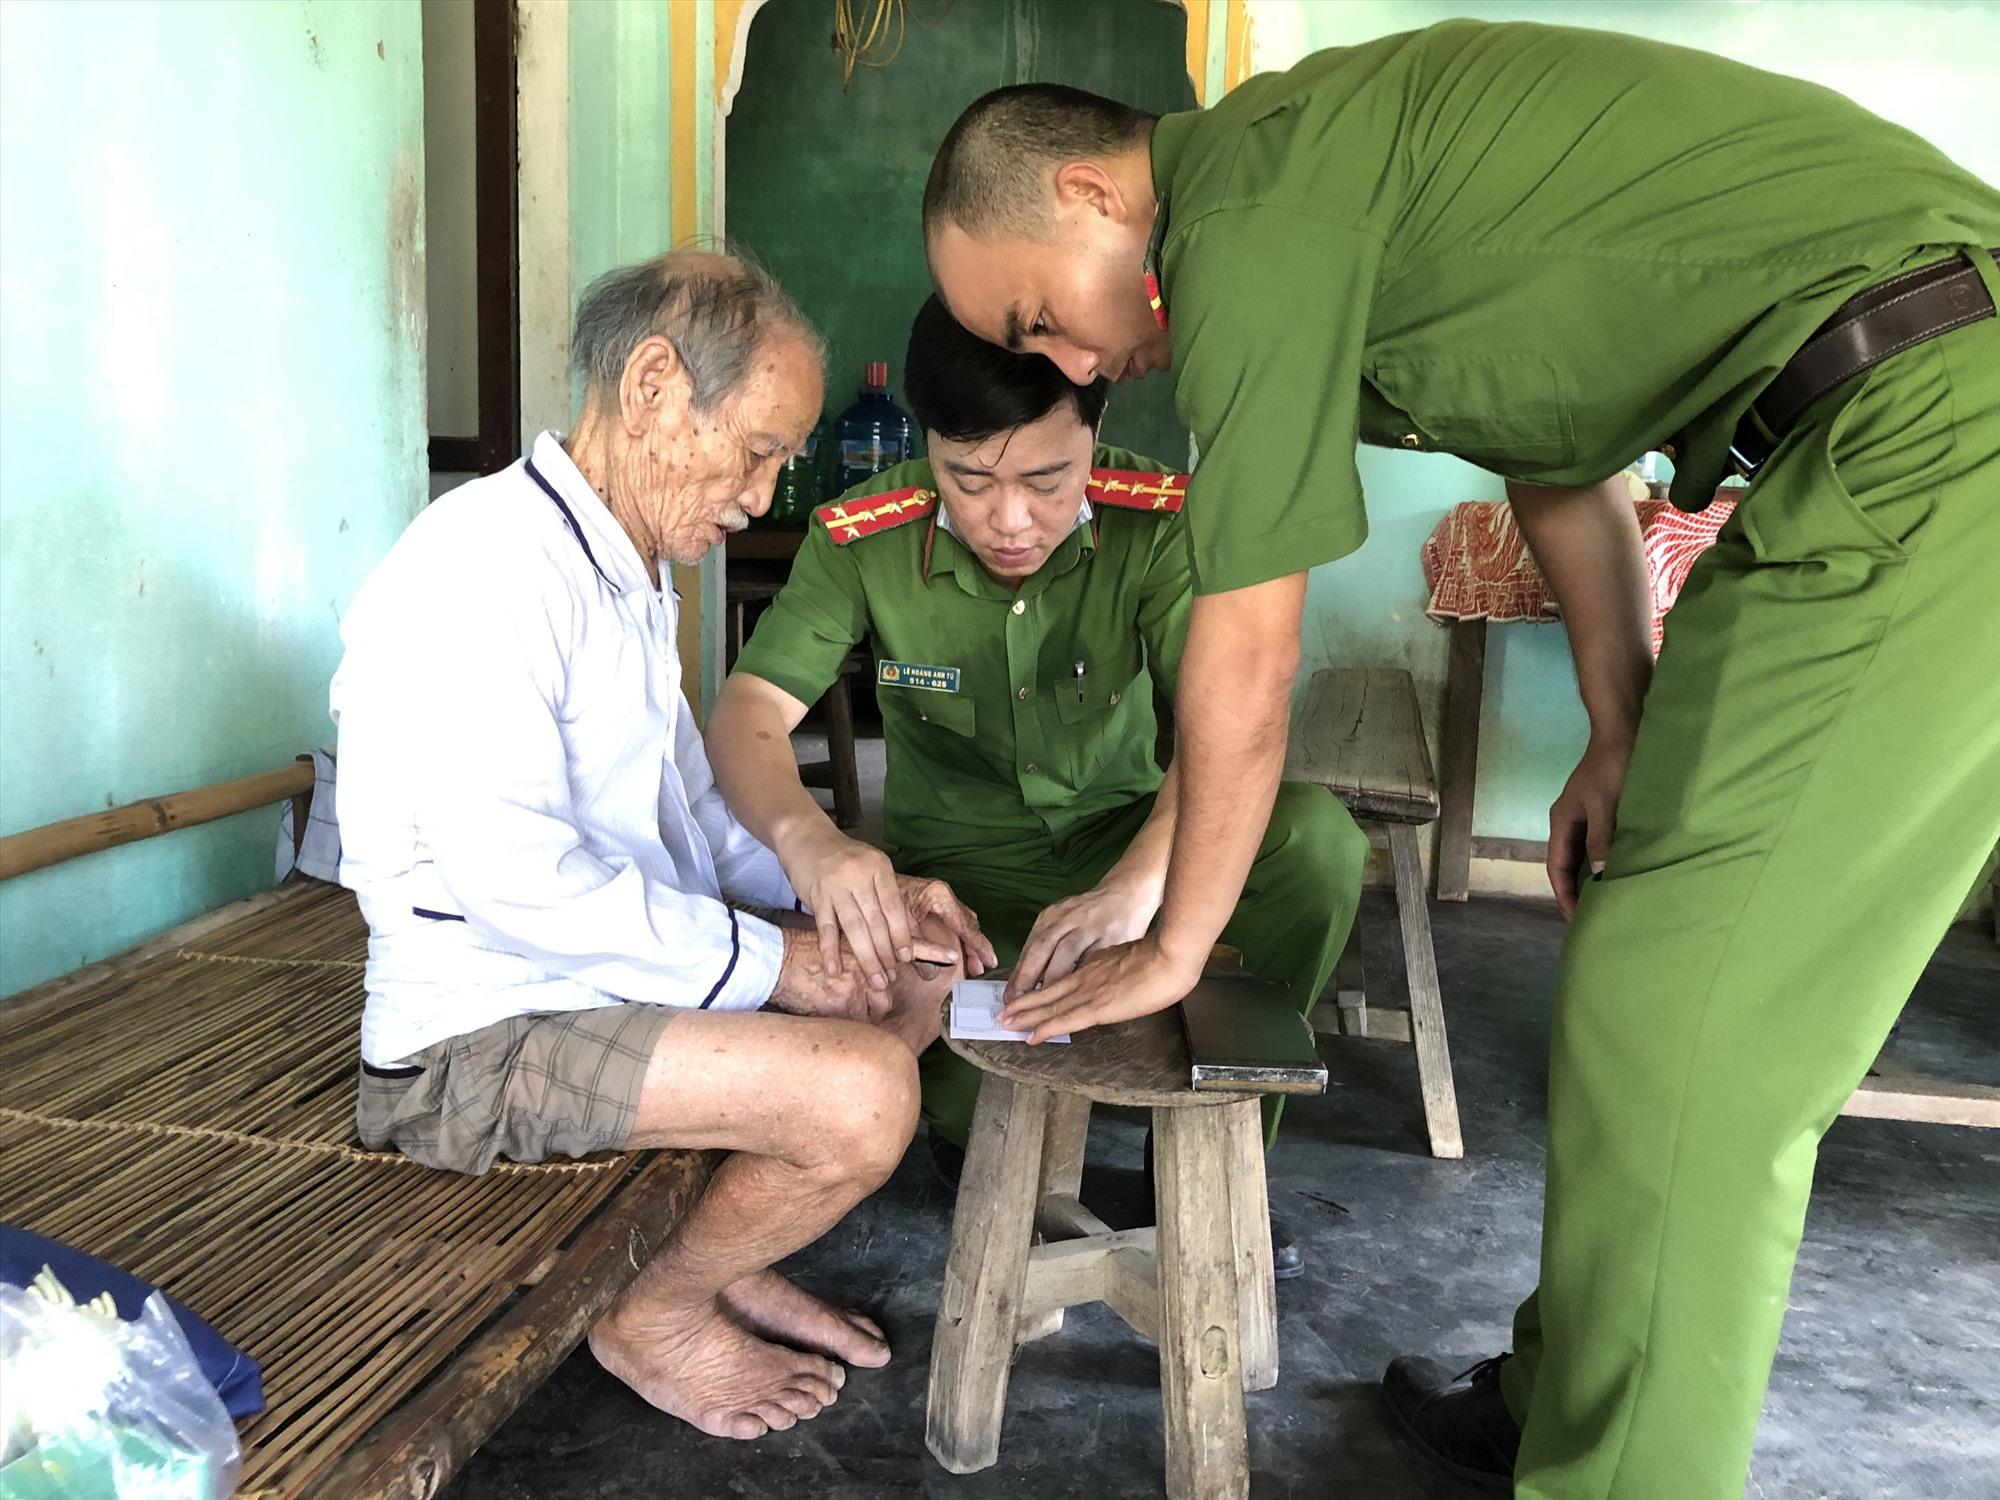 Đoàn viên thanh niên Chi đoàn Công an huyện Đại Lộc đến tận nơi làm thủ tục cấp chứng minh nhân dân cho người cao tuổi. Ảnh: C.A